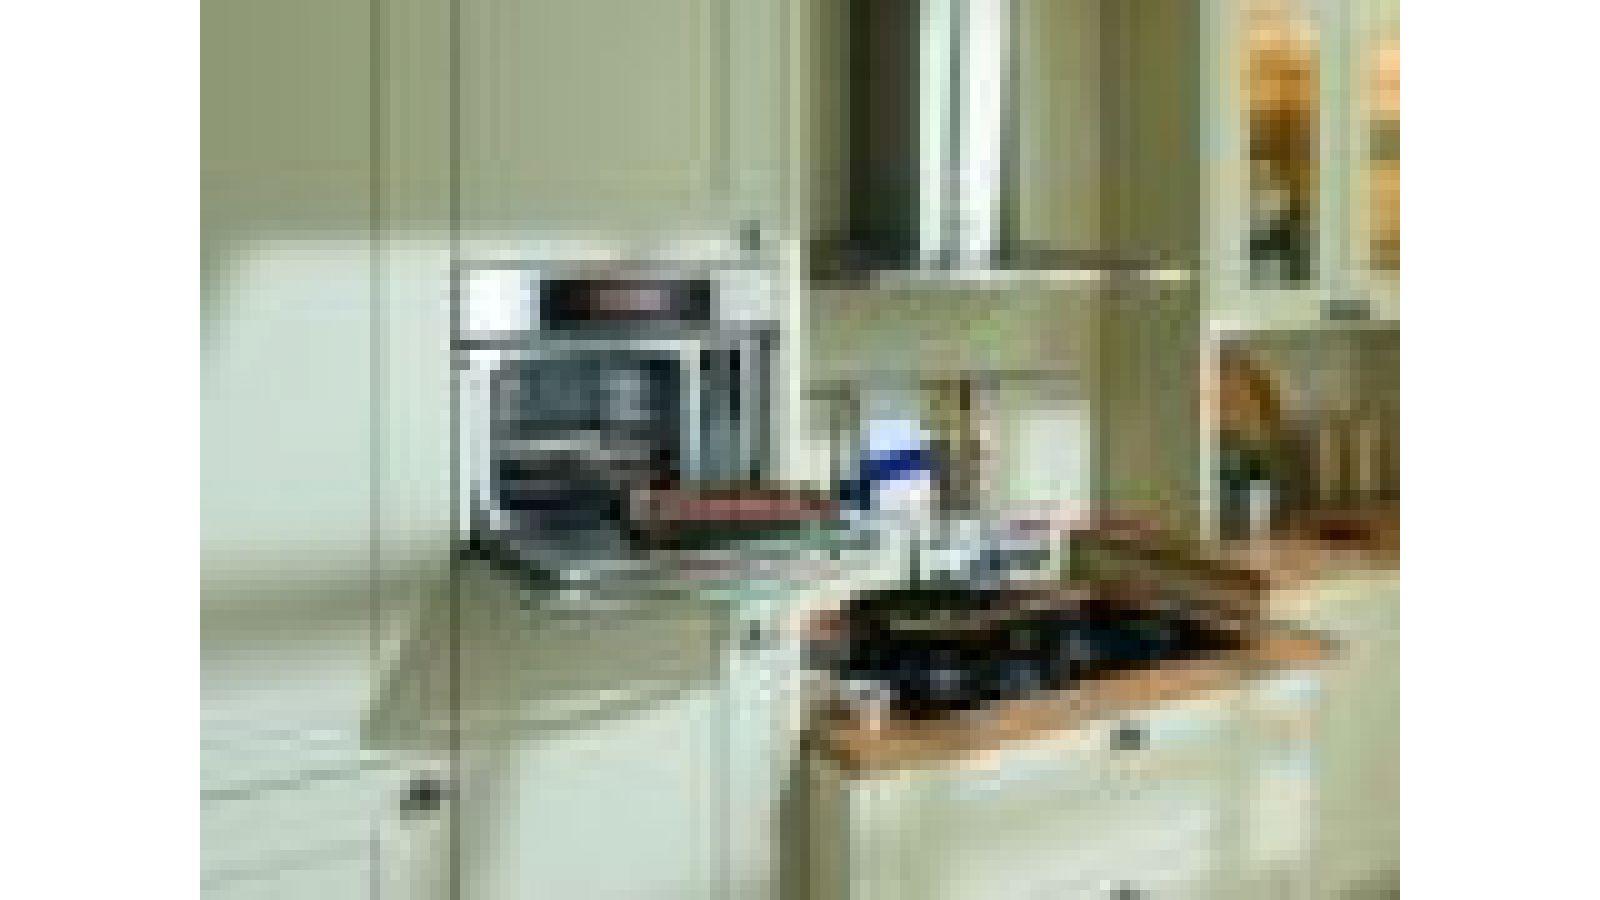 MasterChef Steam Oven